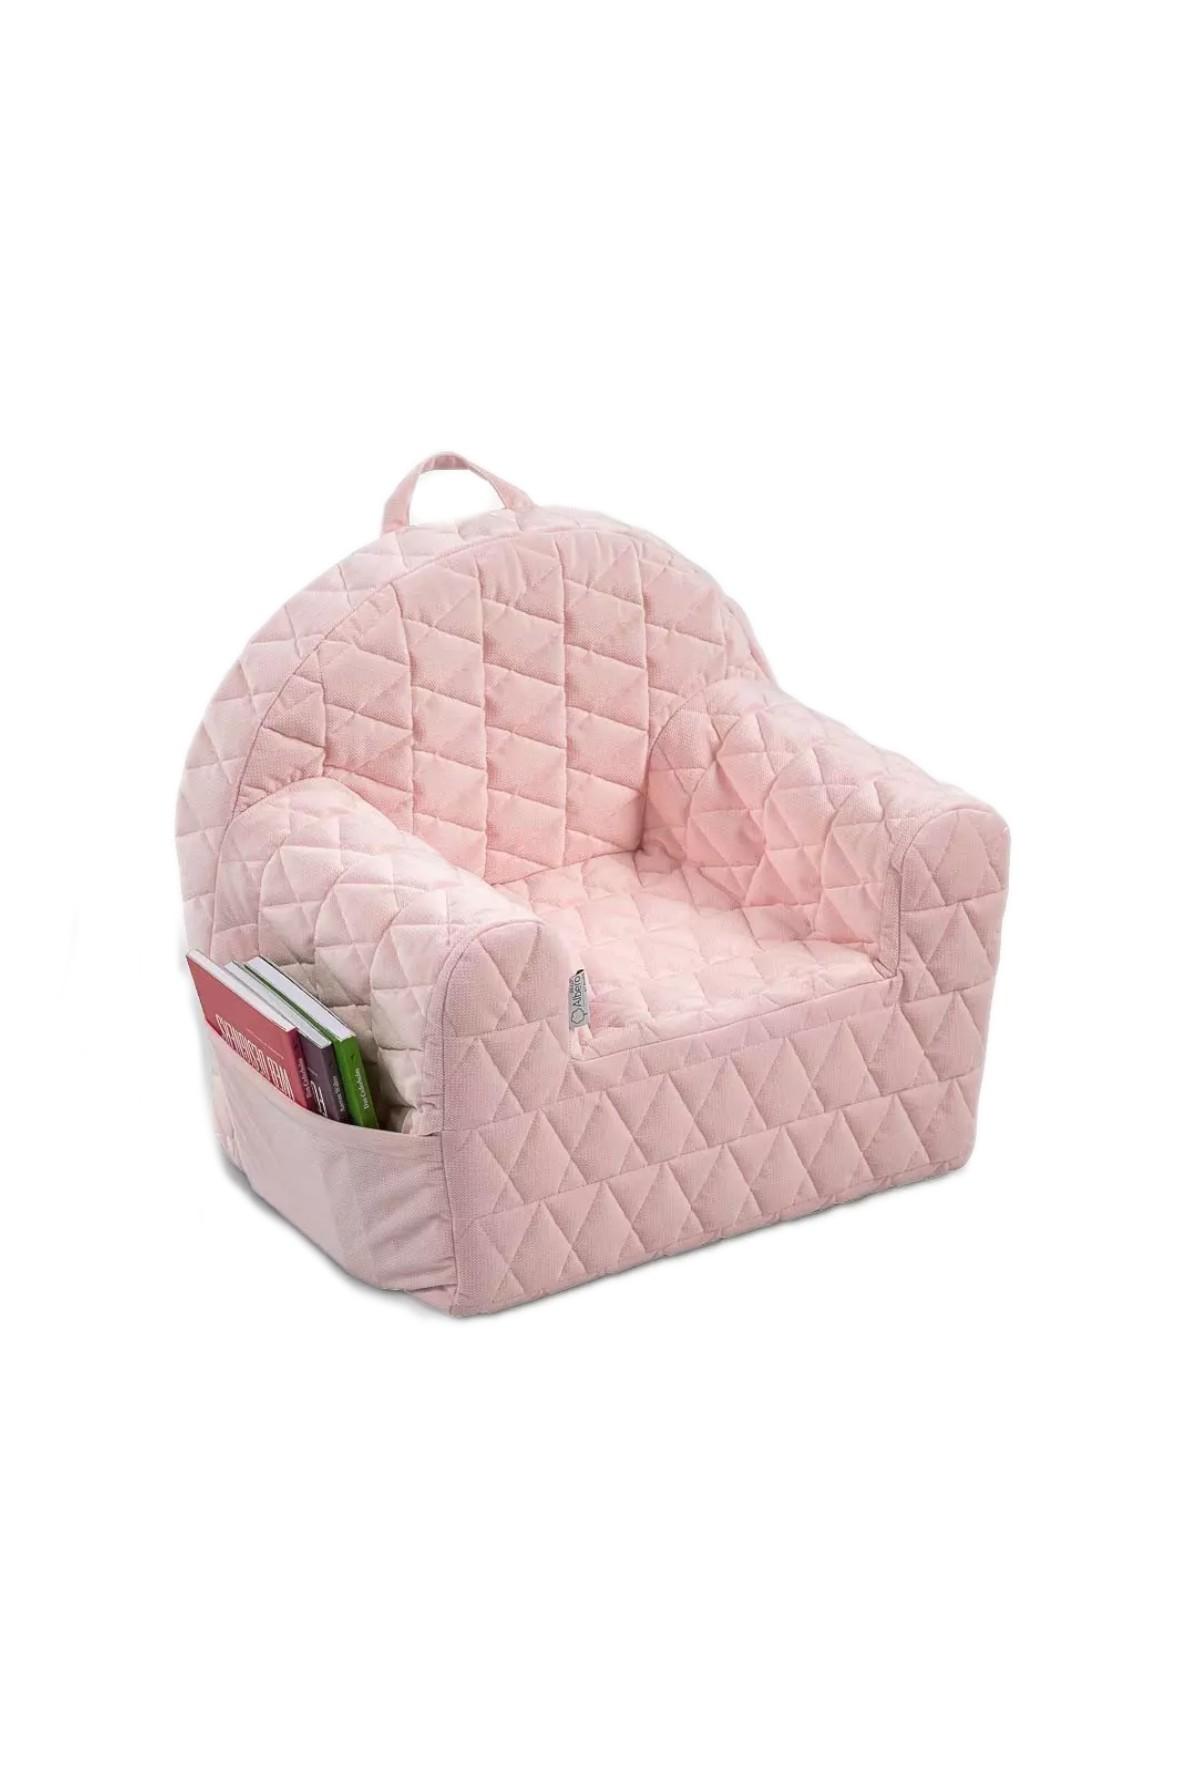 Fotelik piankowy Velvet w kolorze różowym